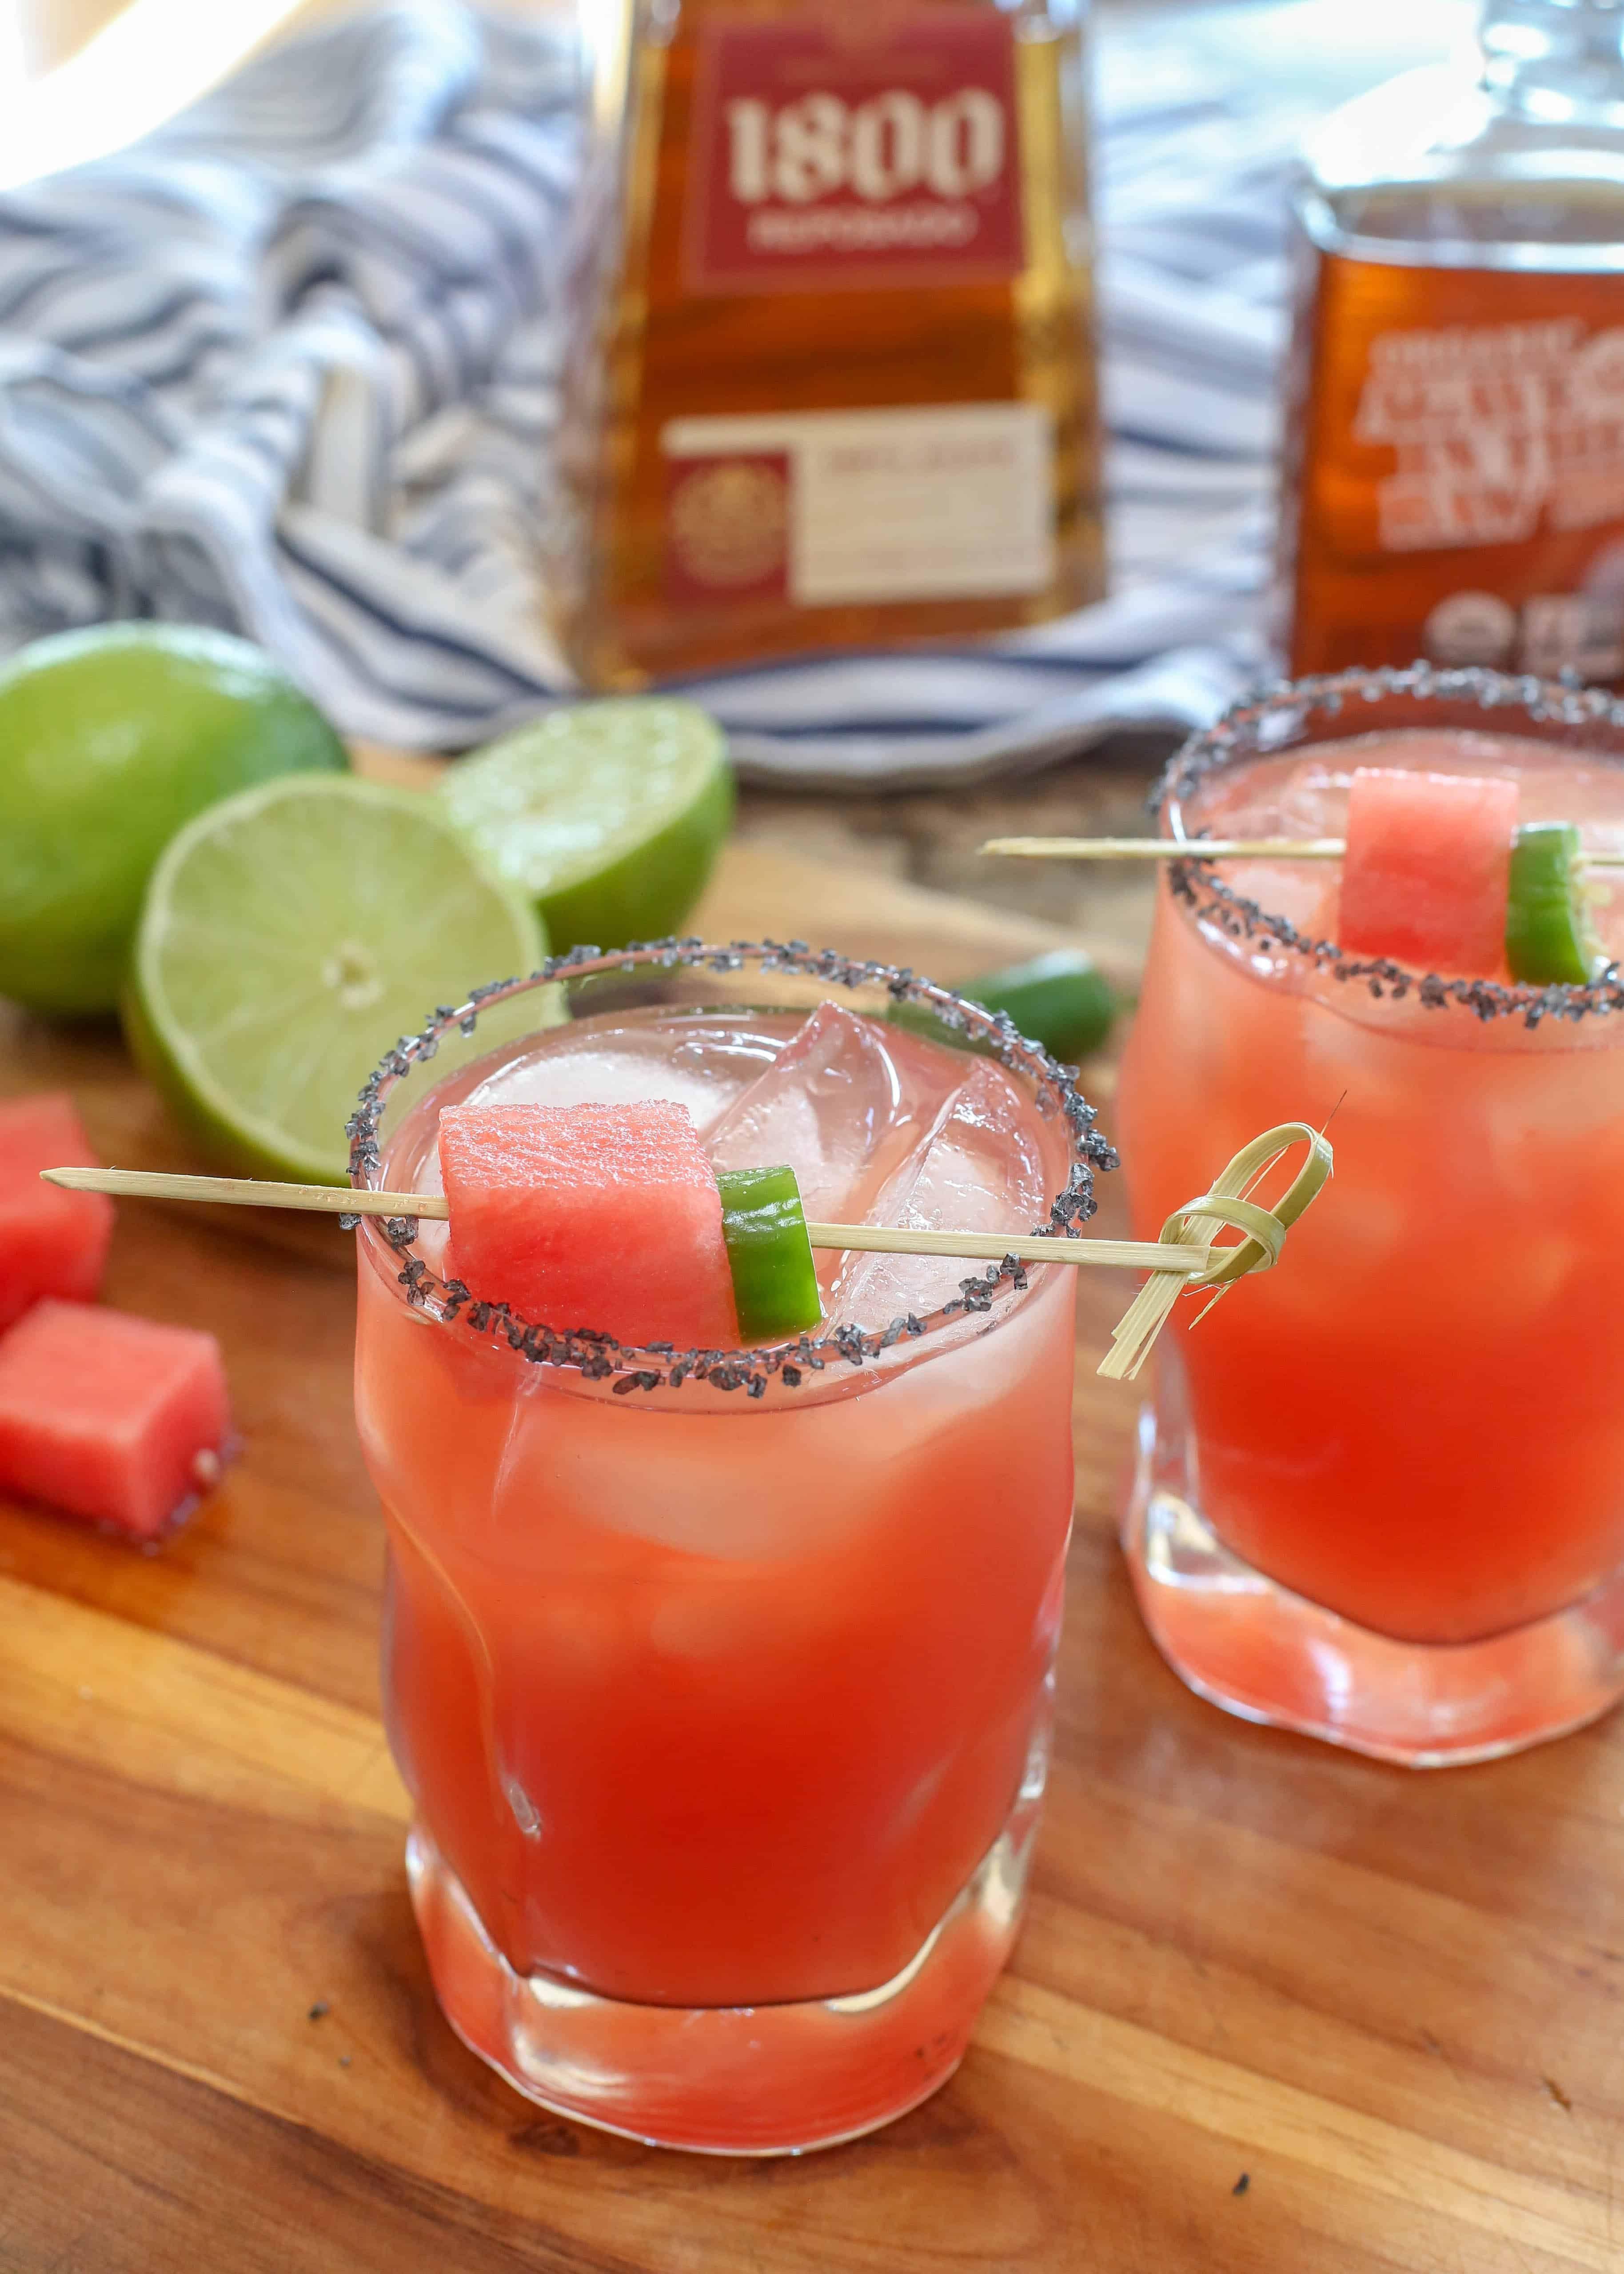 Wassermelone In Flammen Auch Bekannt Als Die Beste Wassermelonen Margaritas In 2020 Watermelon Margarita Margarita Recipes Summer Drinks Alcohol